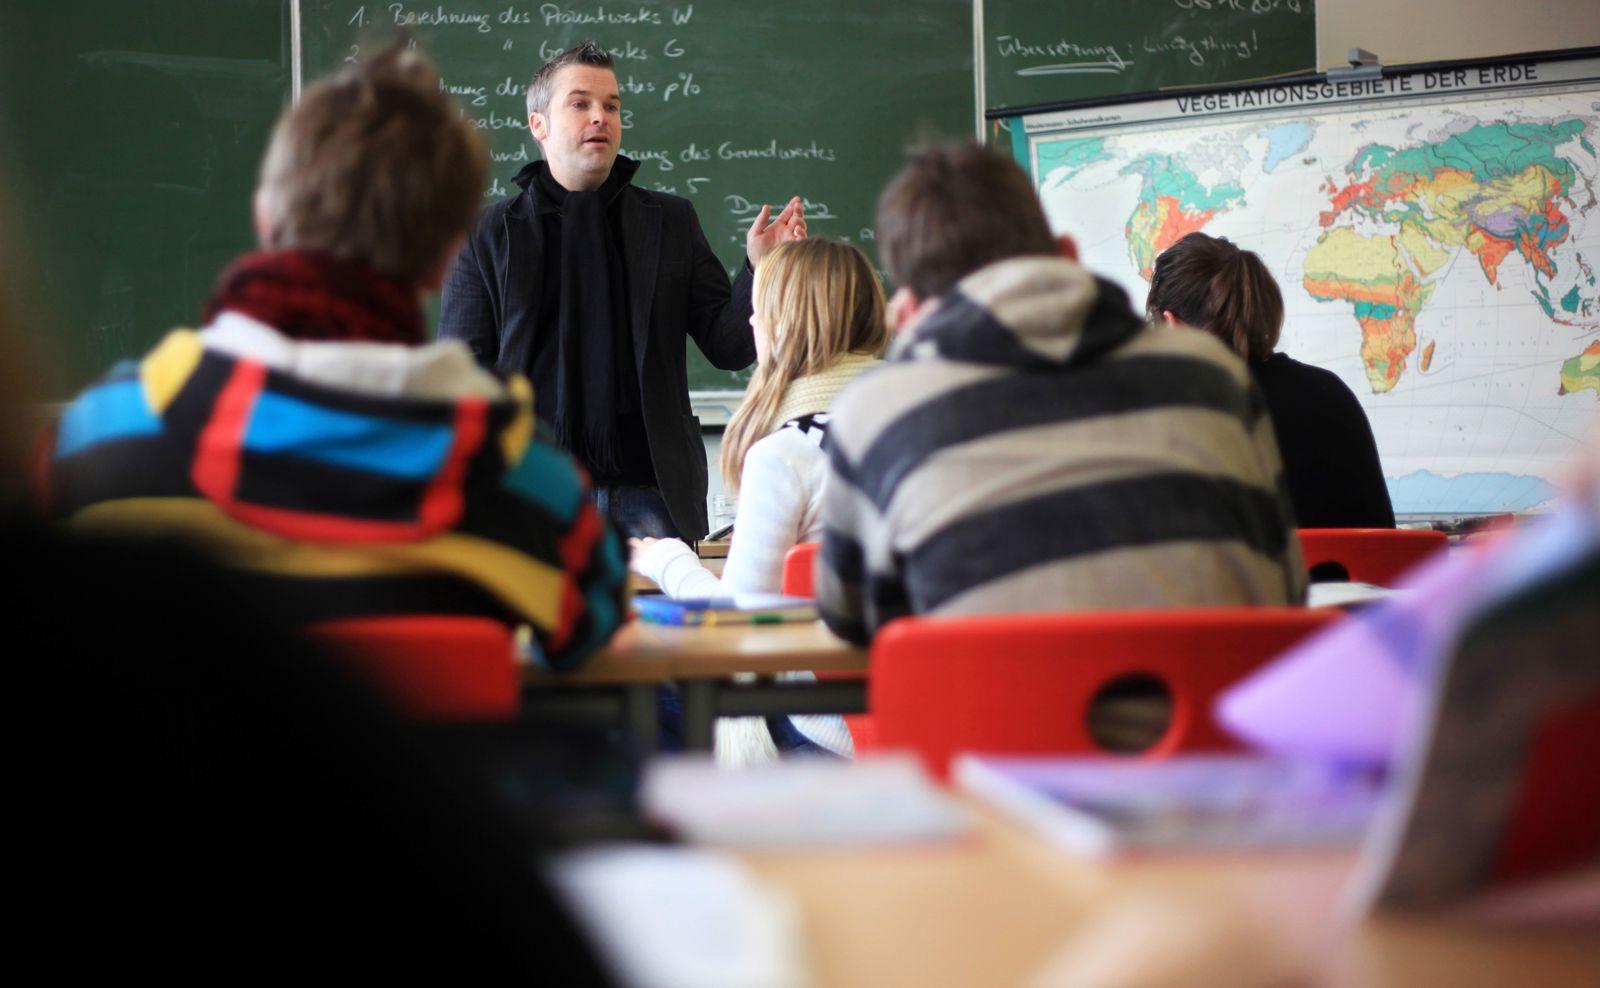 Hauptschule / Hauptschüler / Lehrer